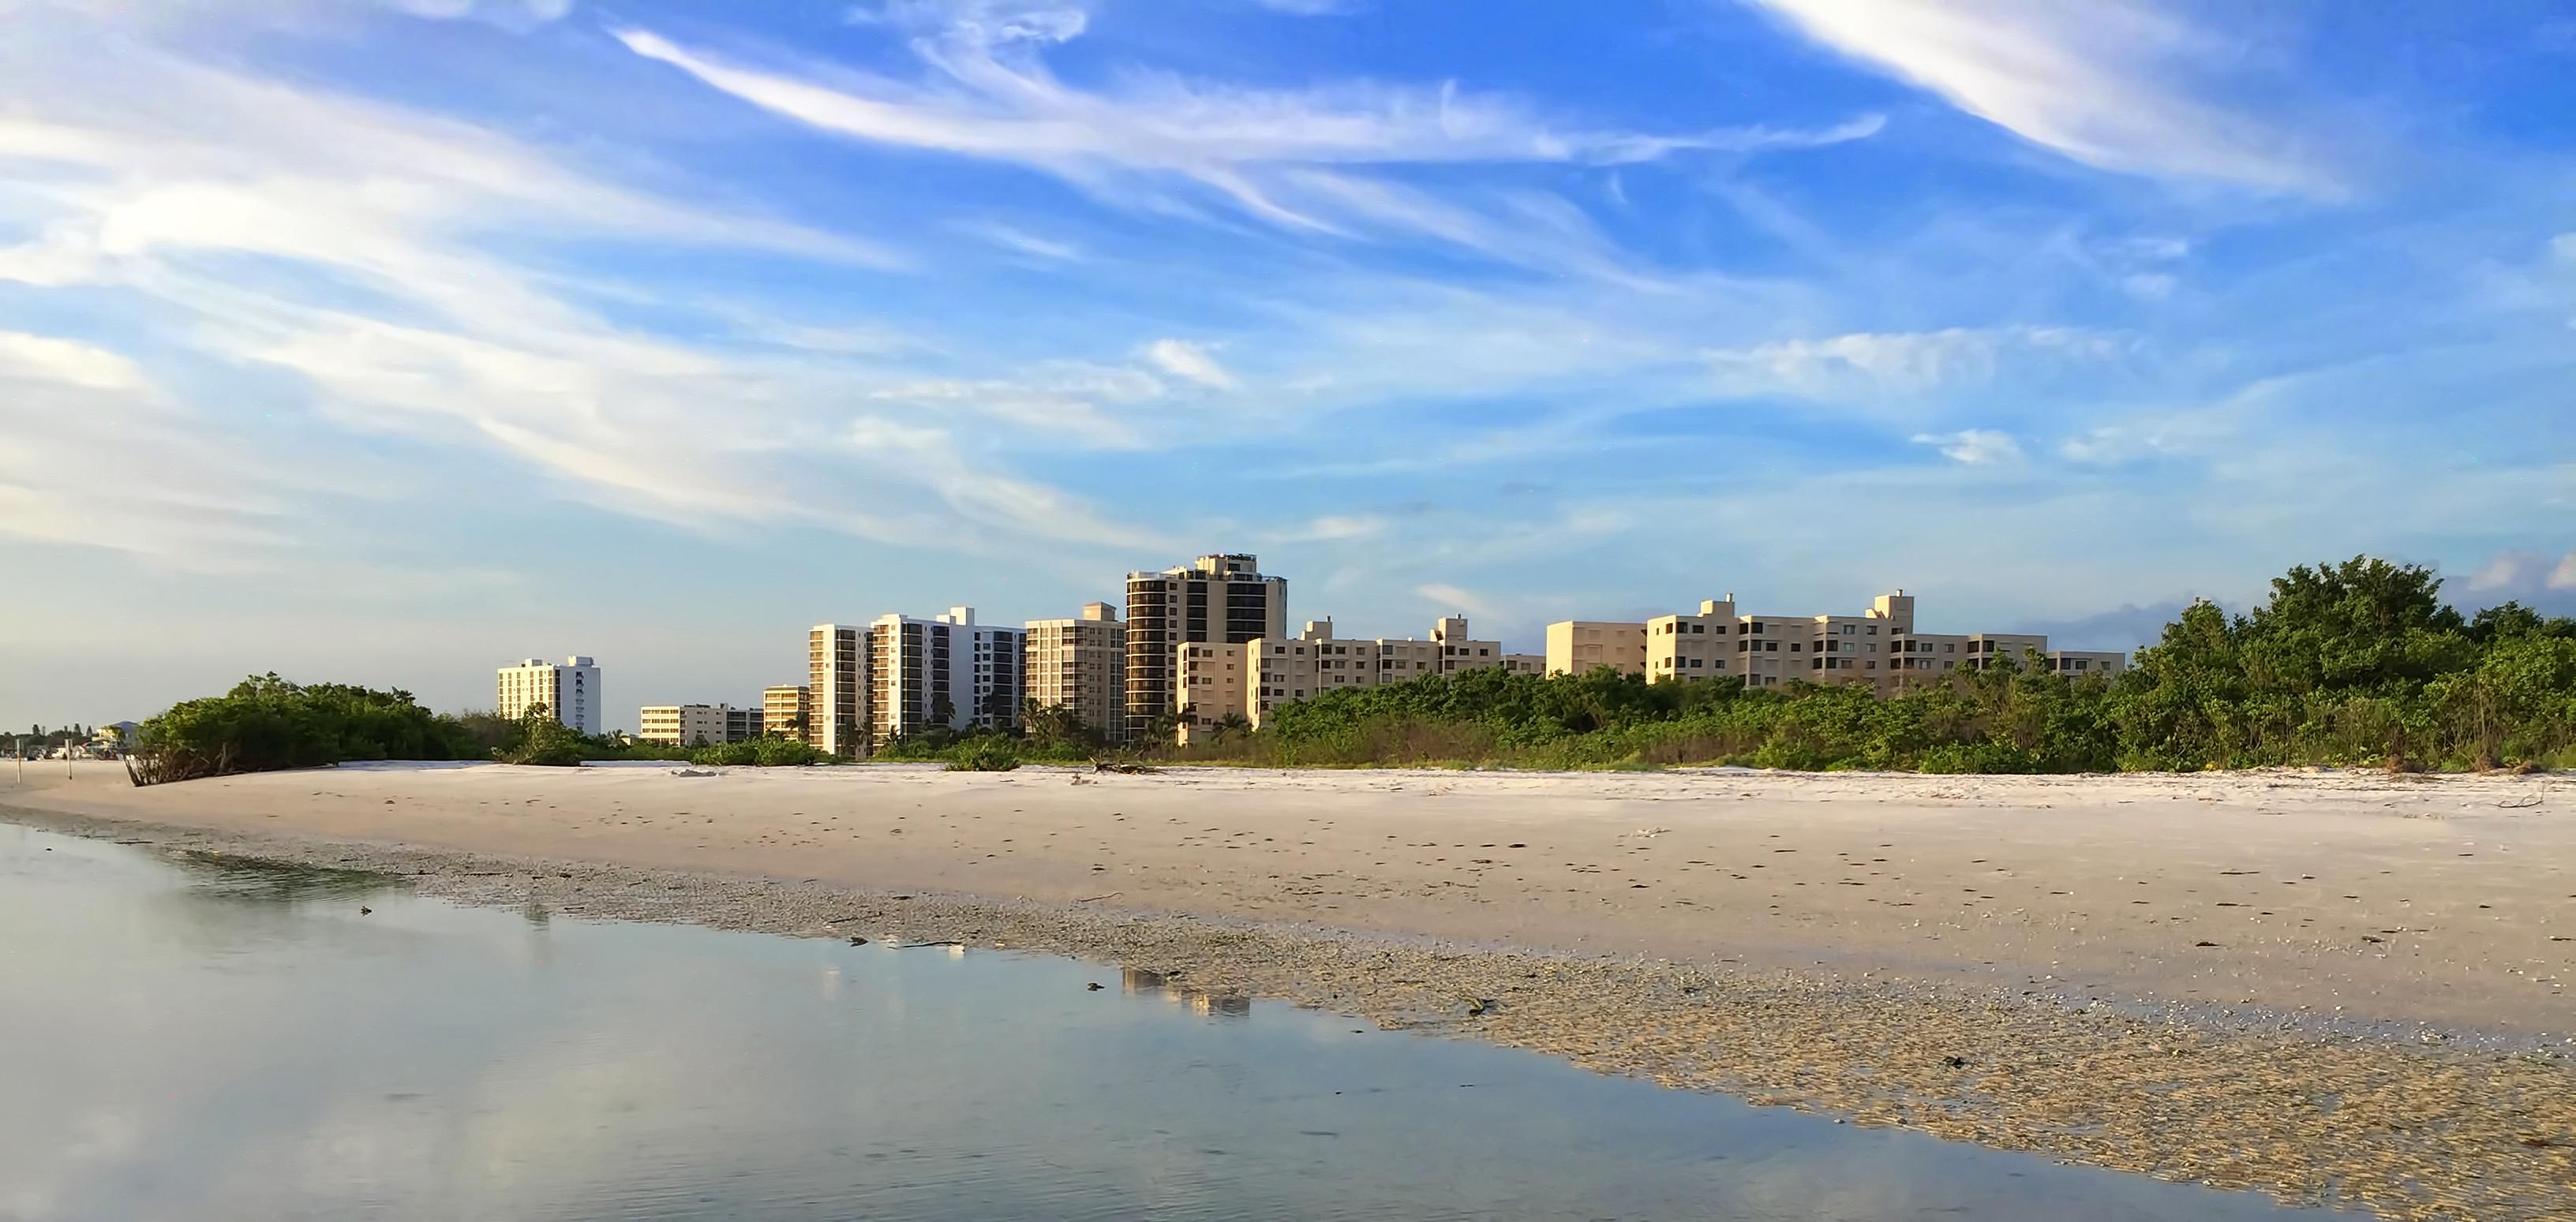 BONITA SPRINGS, FL - 2019